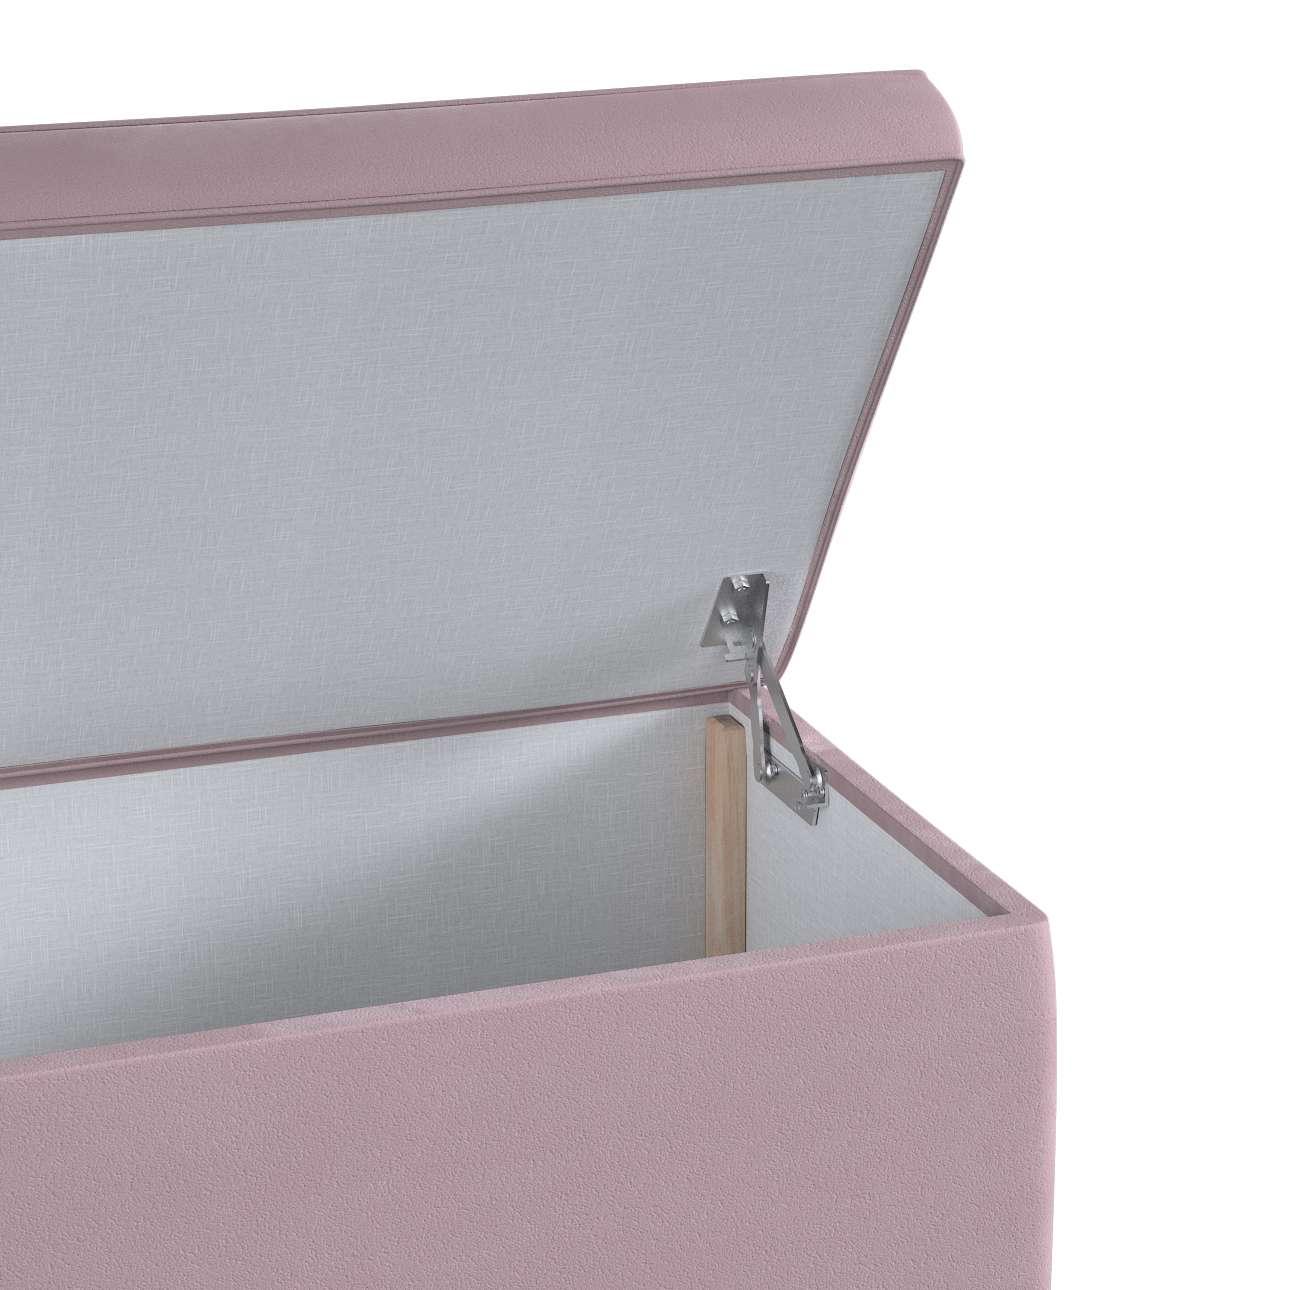 Čalouněná skříň s volbou látky - 2 velikosti v kolekci Velvet, látka: 704-14